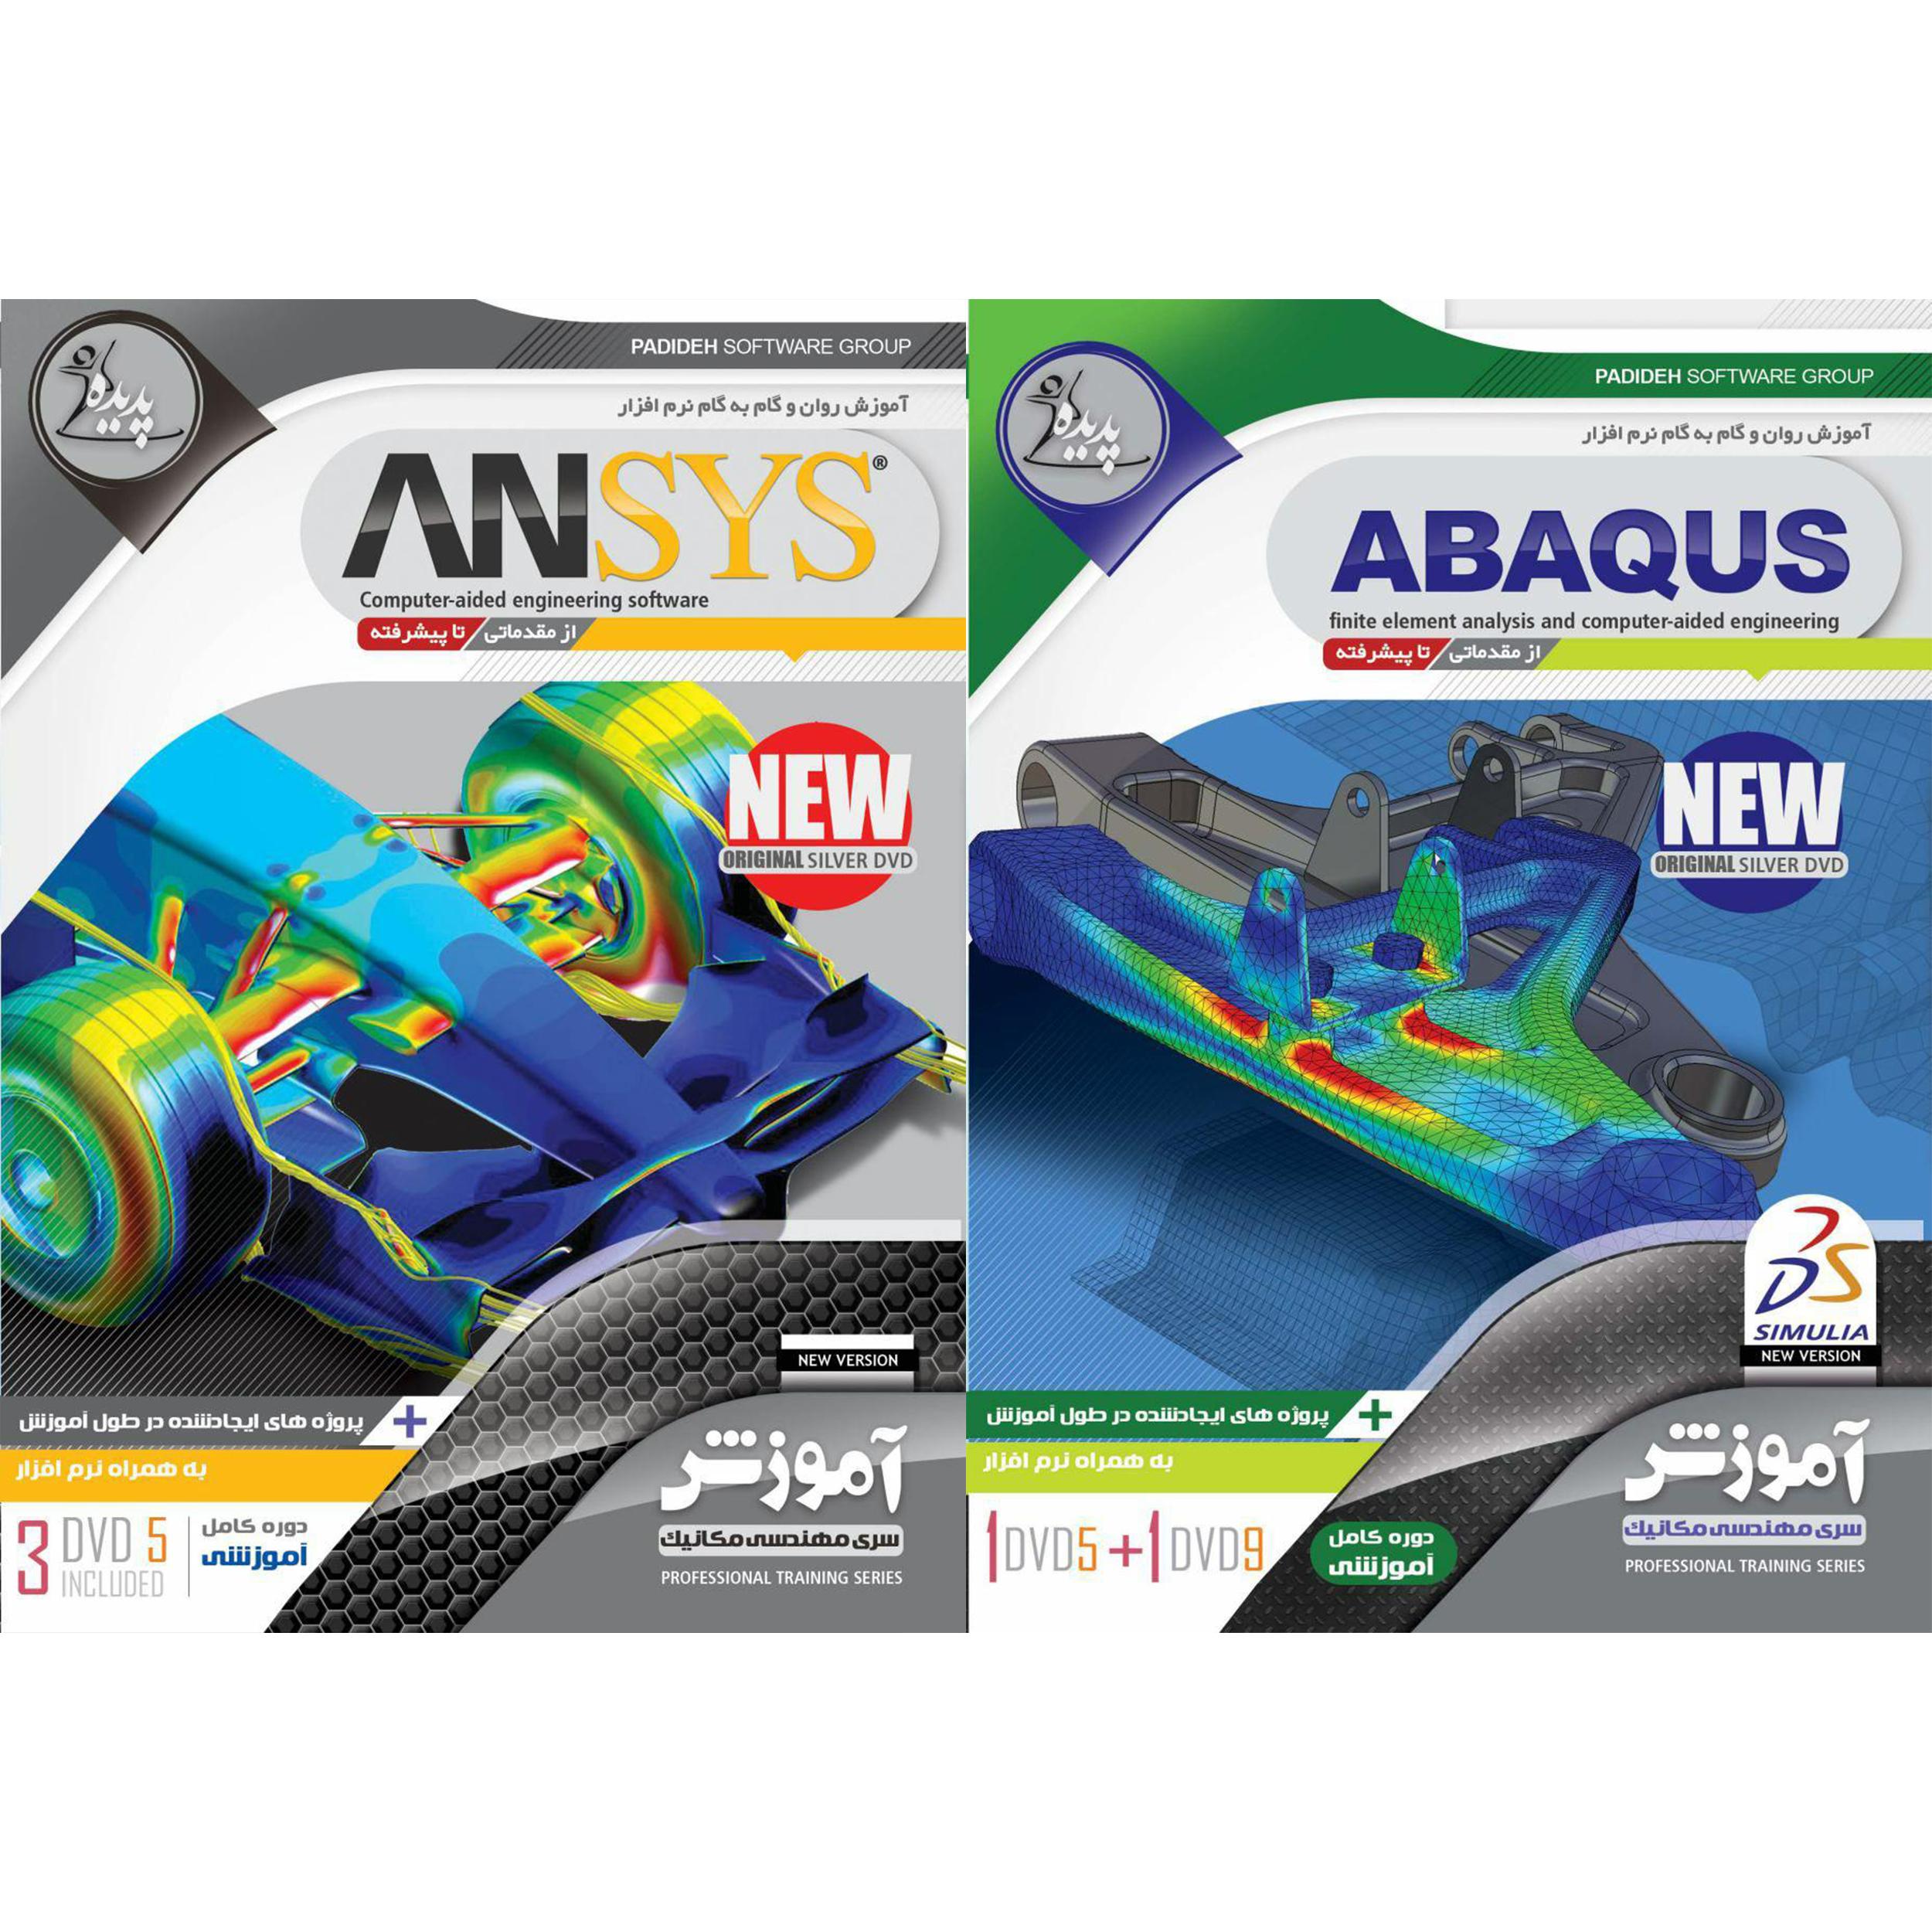 نرم افزار آموزش ABAQUS نشر پدیده به همراه نرم افزار آموزش ANSYS نشر پدیده